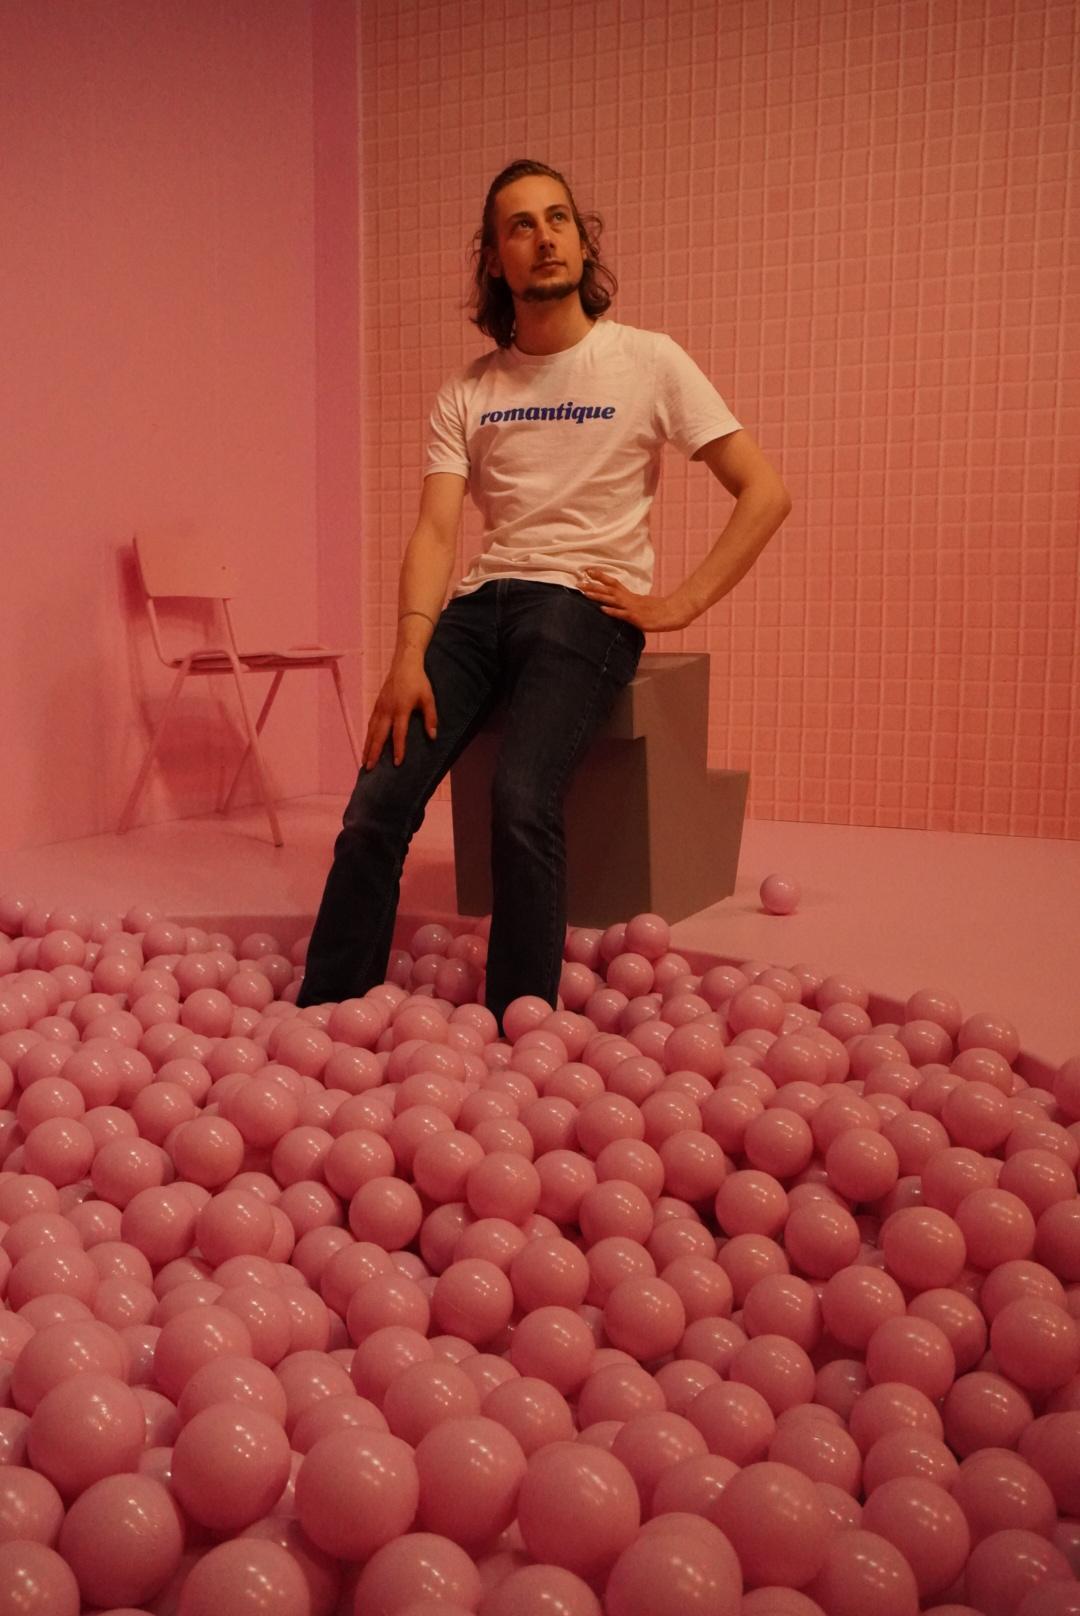 Auf dem Bild im Museum of Popcorn in Hamburg Hafencity sieht man einen jungen Mann in weißen T-Shirt und Jeans, der an die Decke blickt. Der Mann befindet sich in einem komplett rosafarbenen Raum. Im Vordergrund ist ein Bällebad, auf der linken Seite im Hintergrund steht ein Stuhl, links im Hintergrund eine blanke Wand, hinter ihm eine Kachelwand. Alles ist rosafarben. Nur der Springbock, auf dem der Mann sitzt, während seine Füße im Bällebad baumeln, ist in einem Grauton.